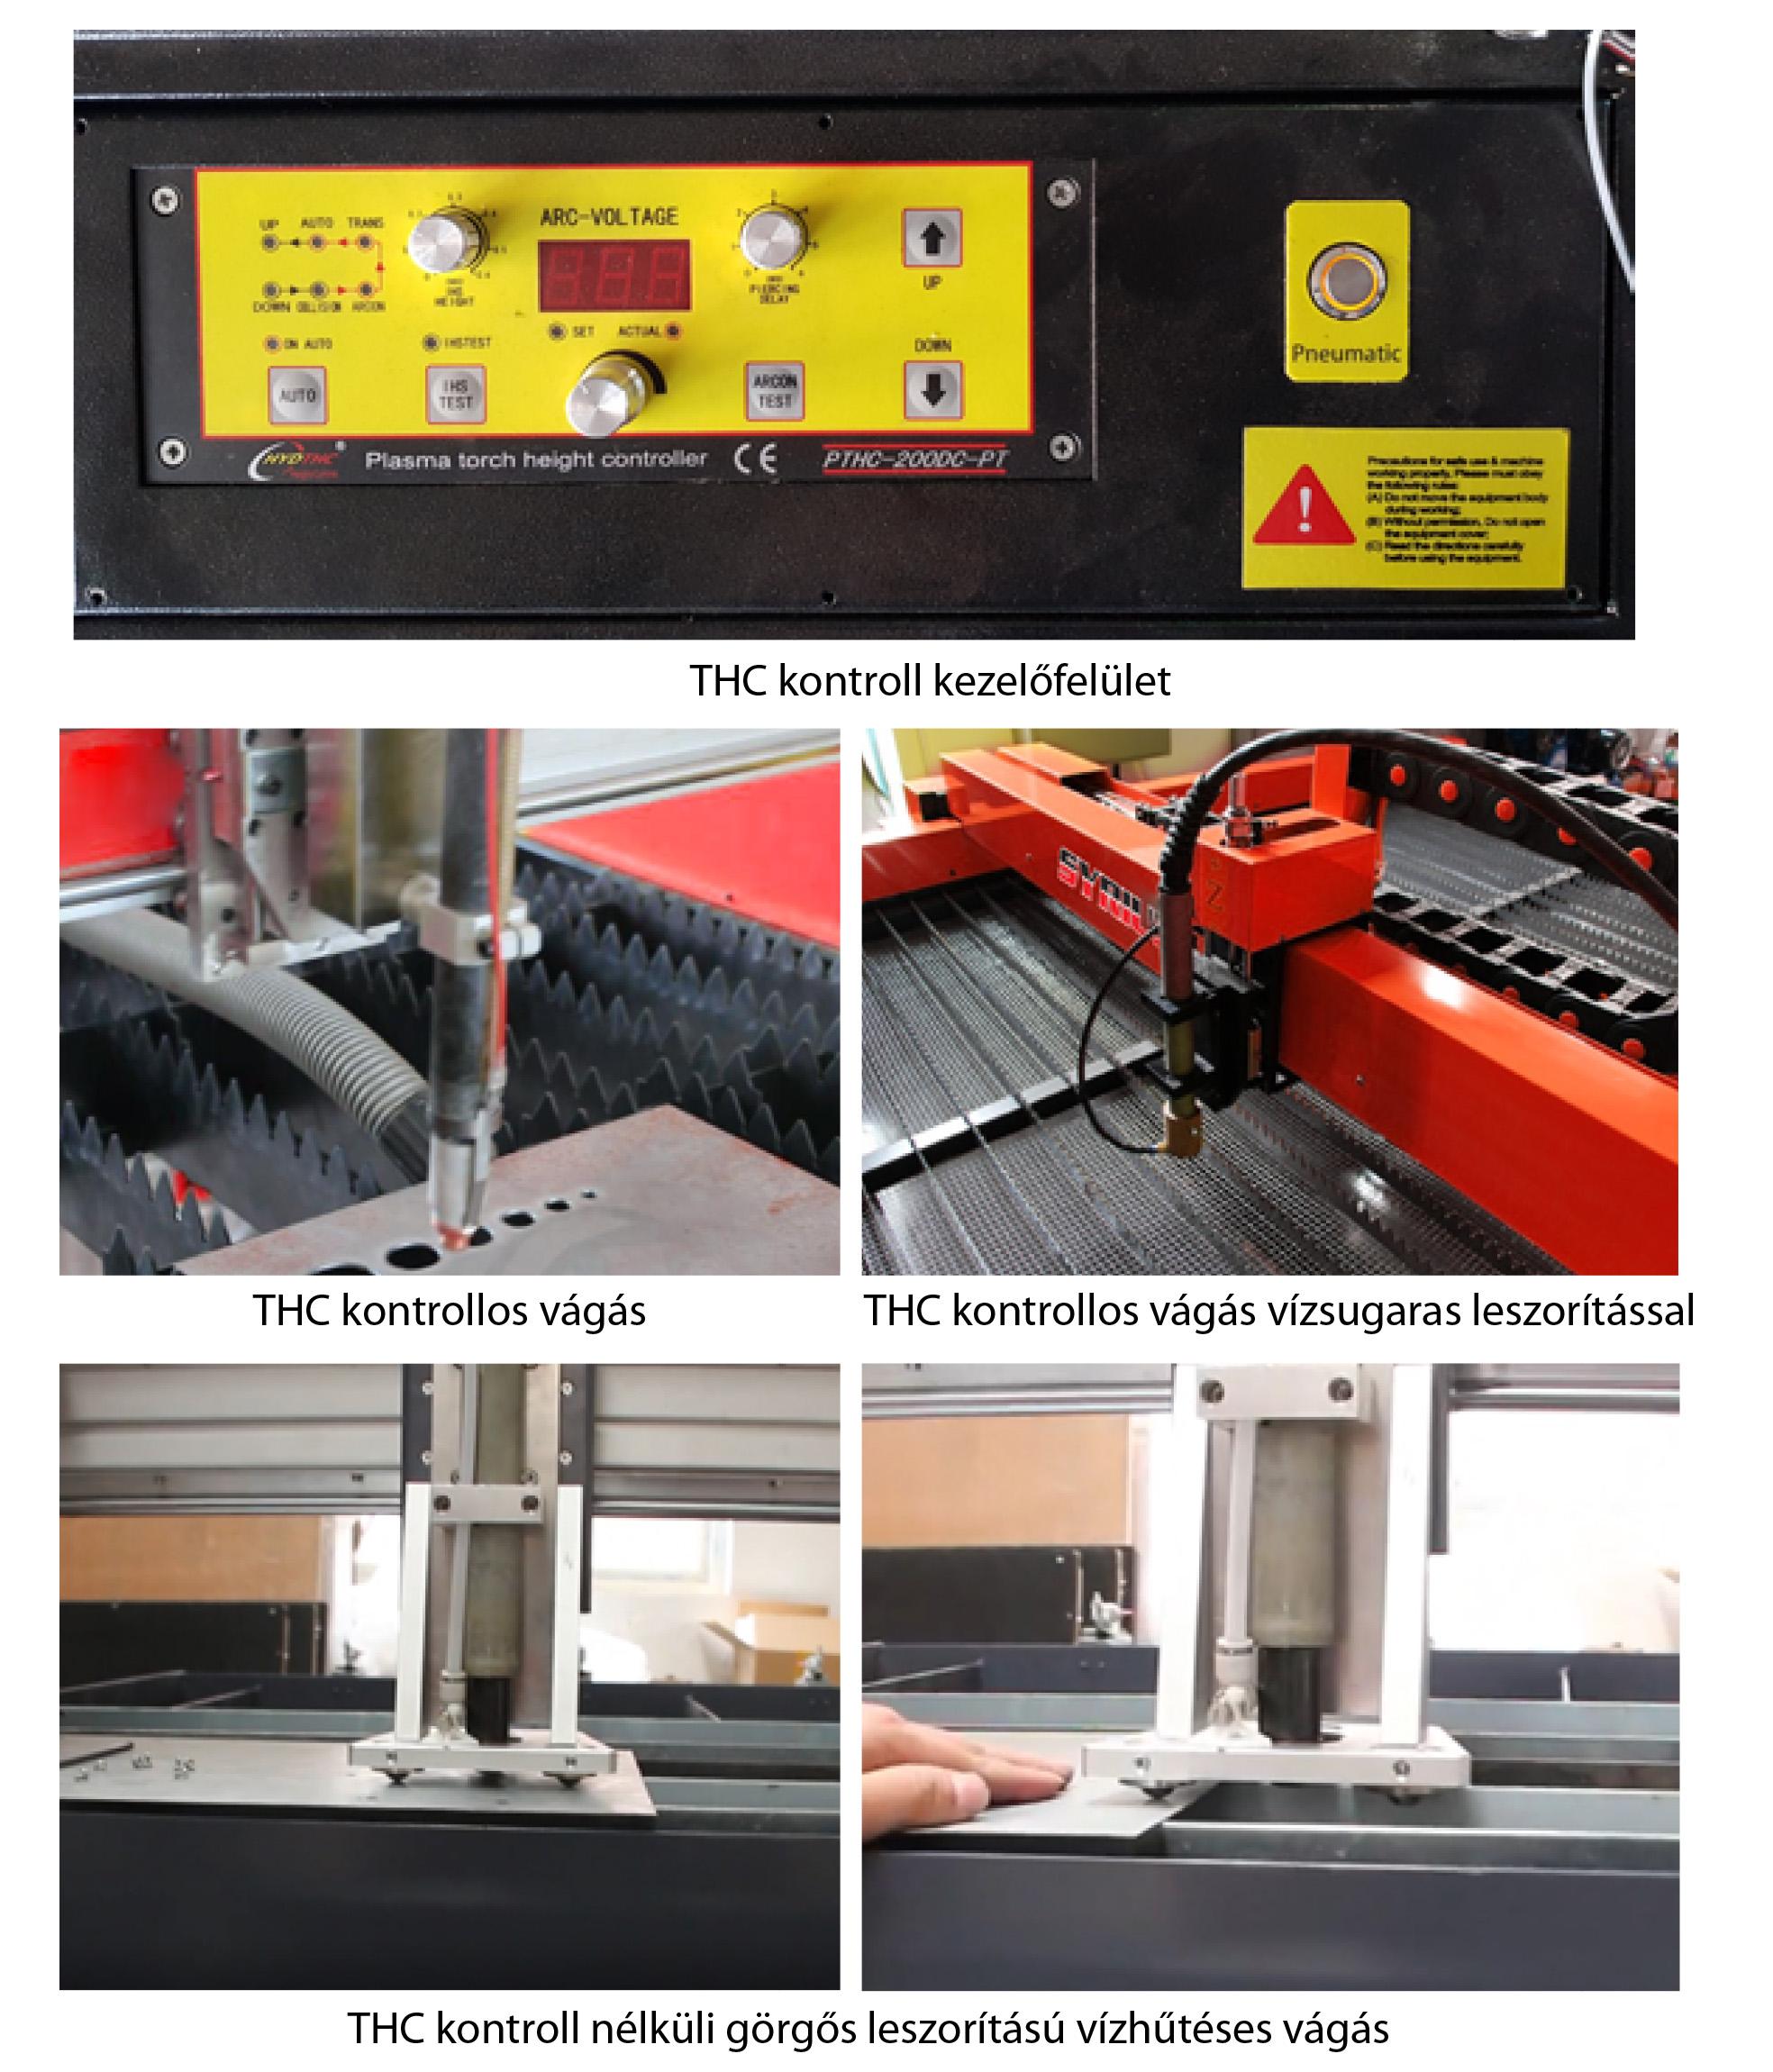 SYRIUS Easycut 1530 CNC plazmavágó asztal THC kontroll